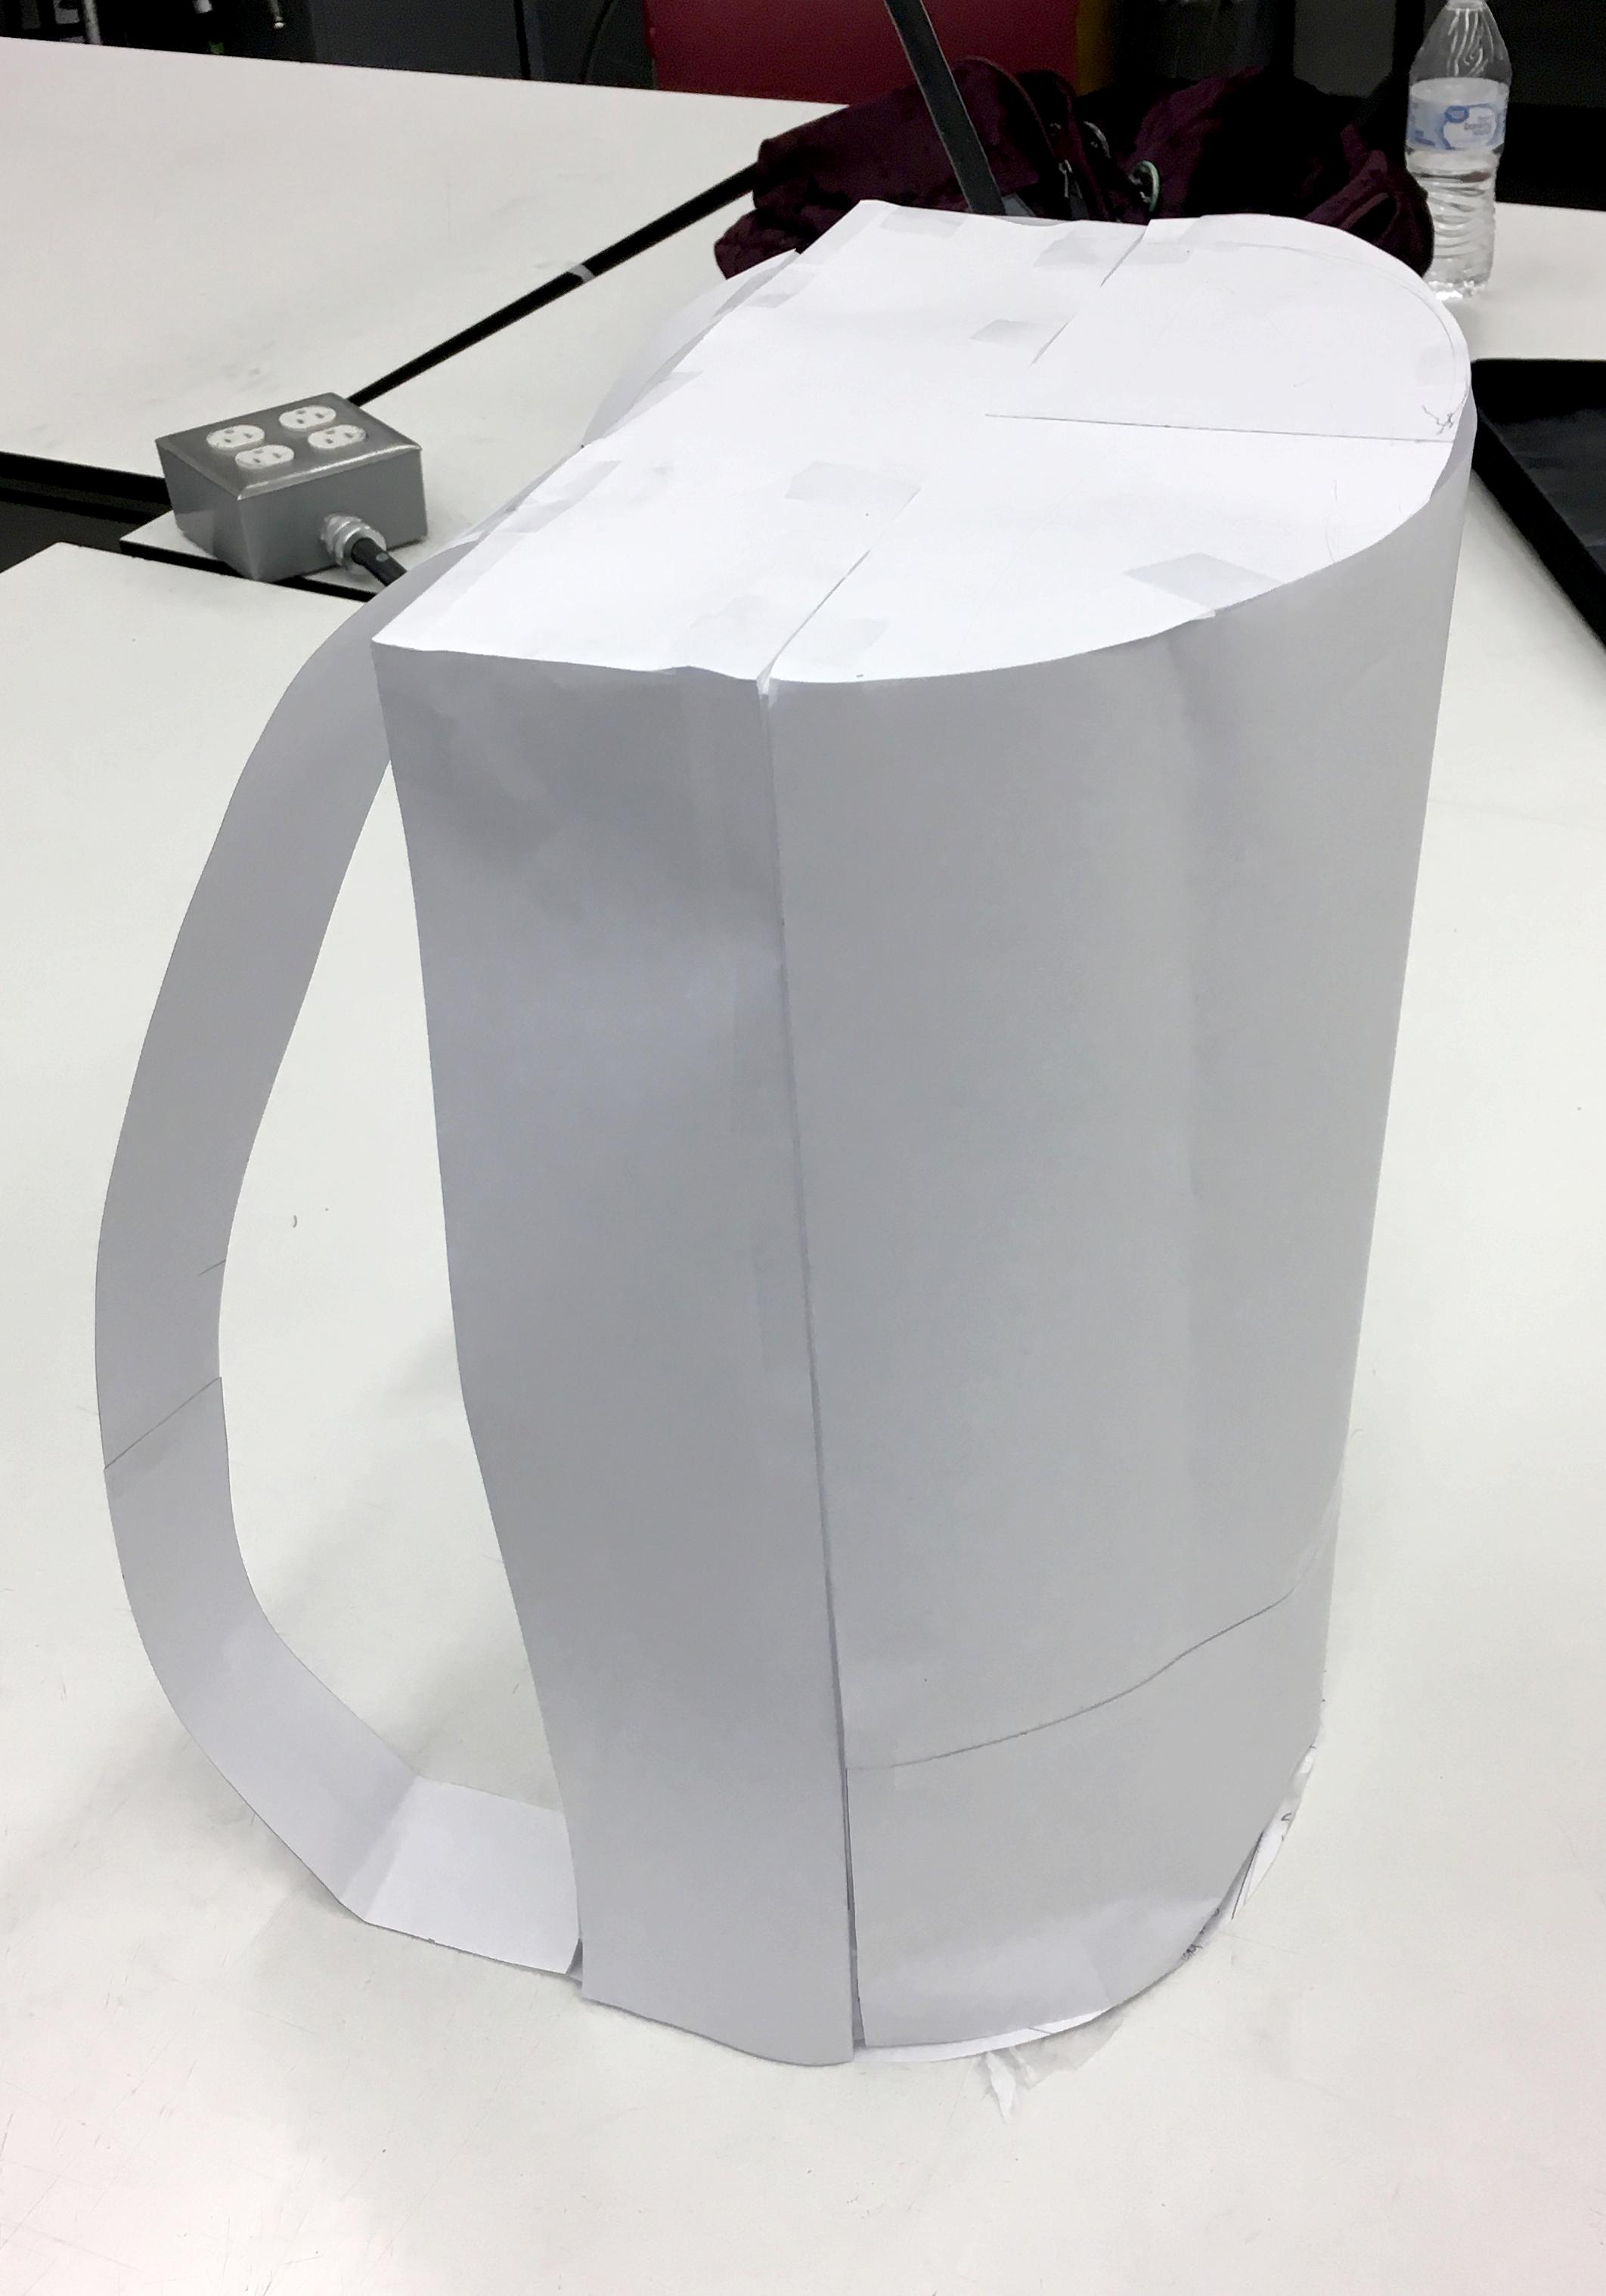 Prototype Backpack